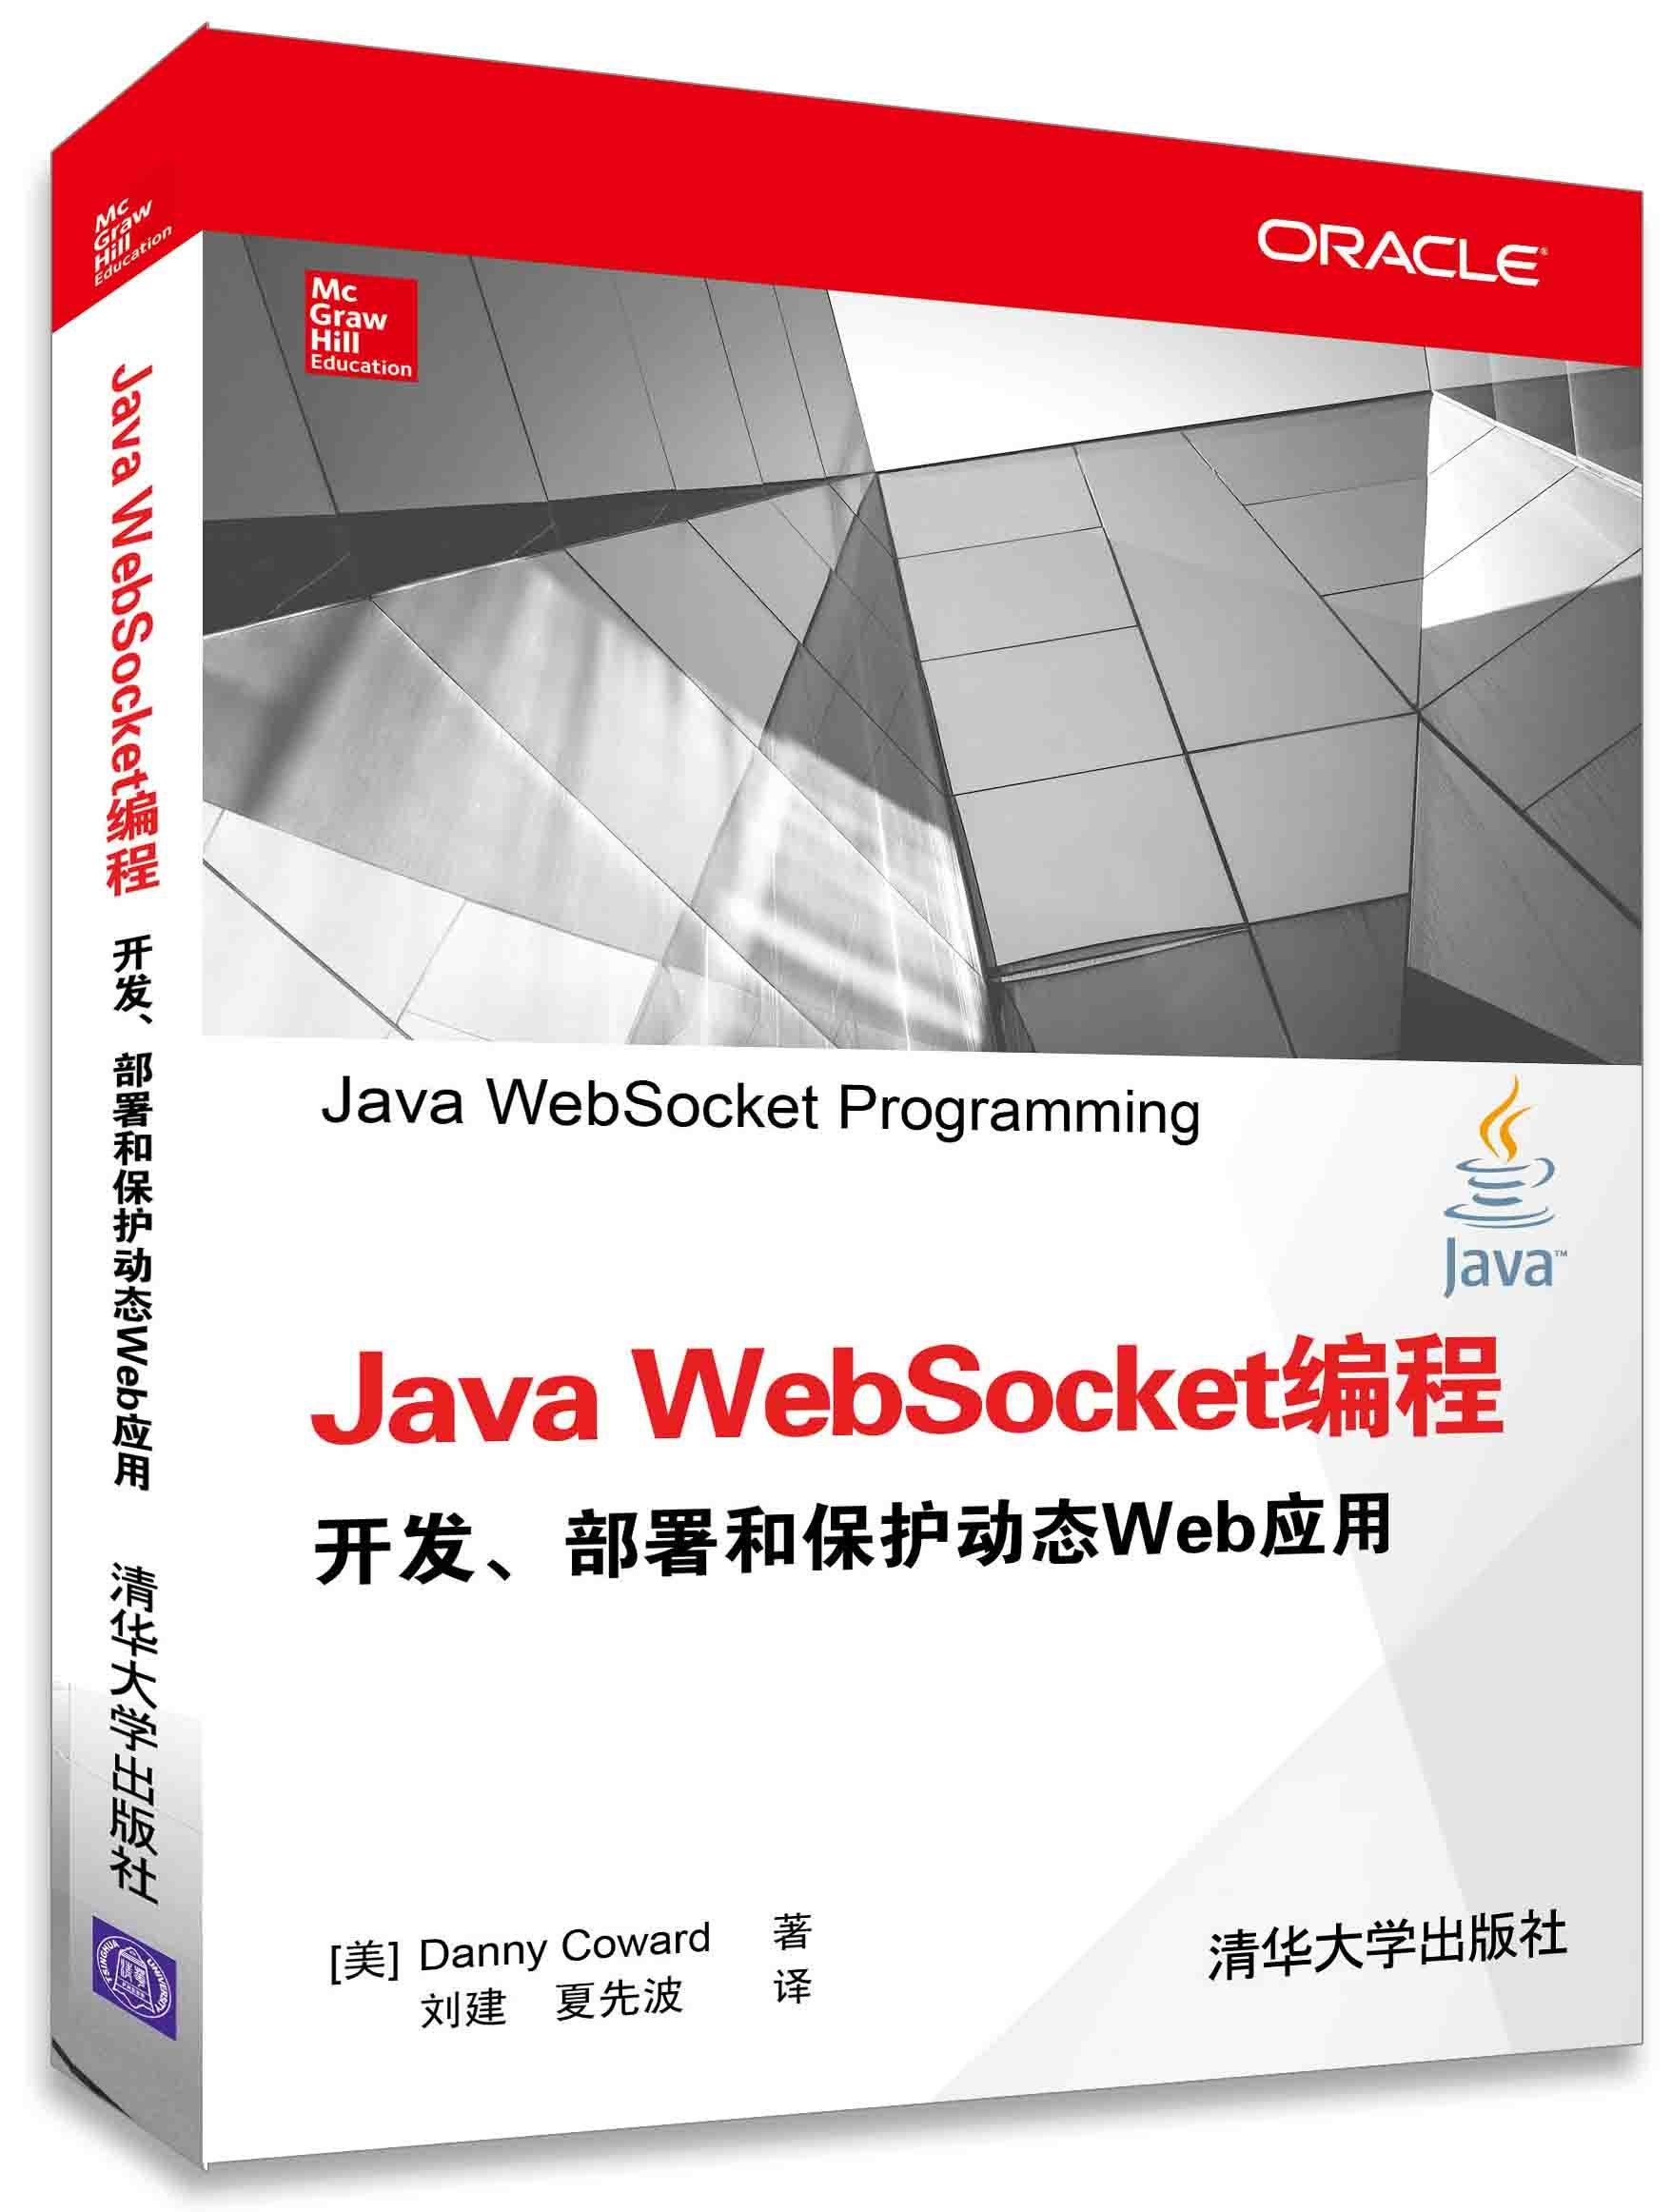 Java WebSocket編程 開發、部署和保護動態Web應用